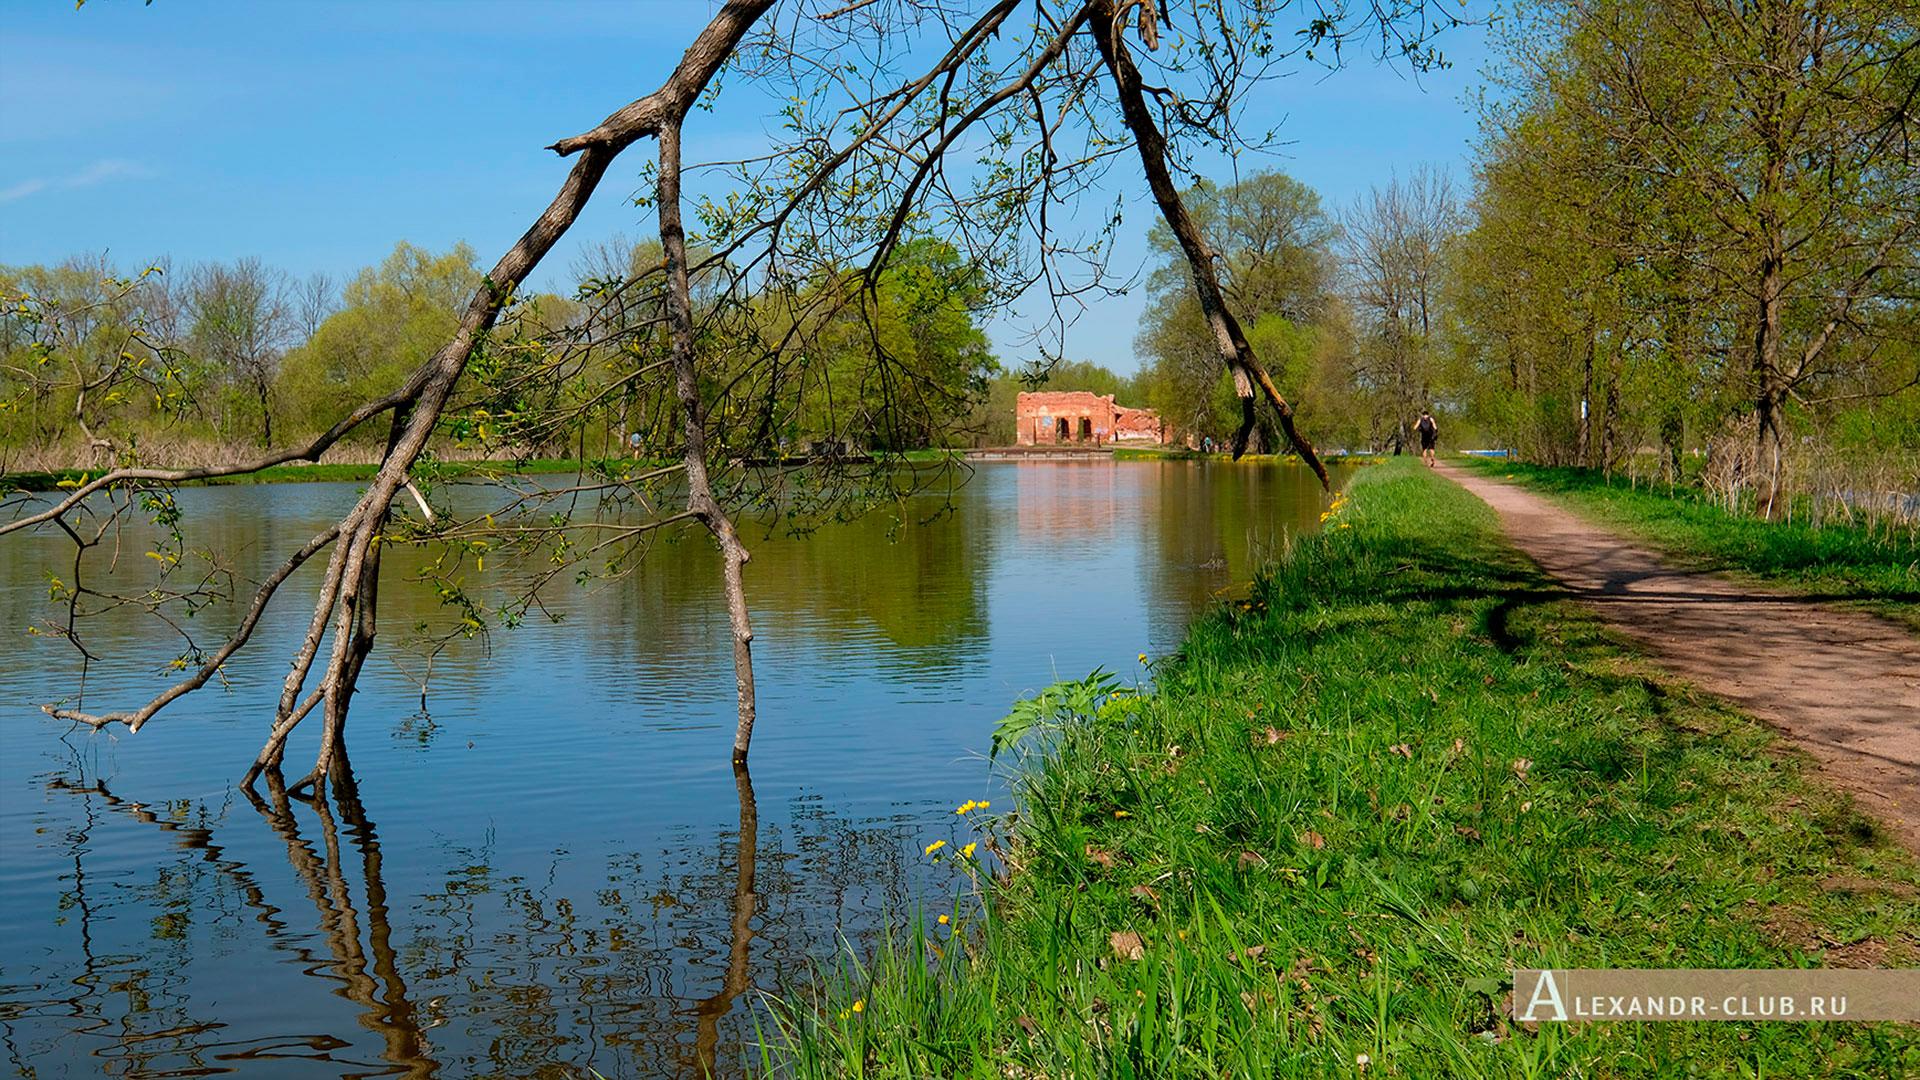 Петергоф, Луговой парк, весна, Старопетергофский канал и Розовый павильон – 2